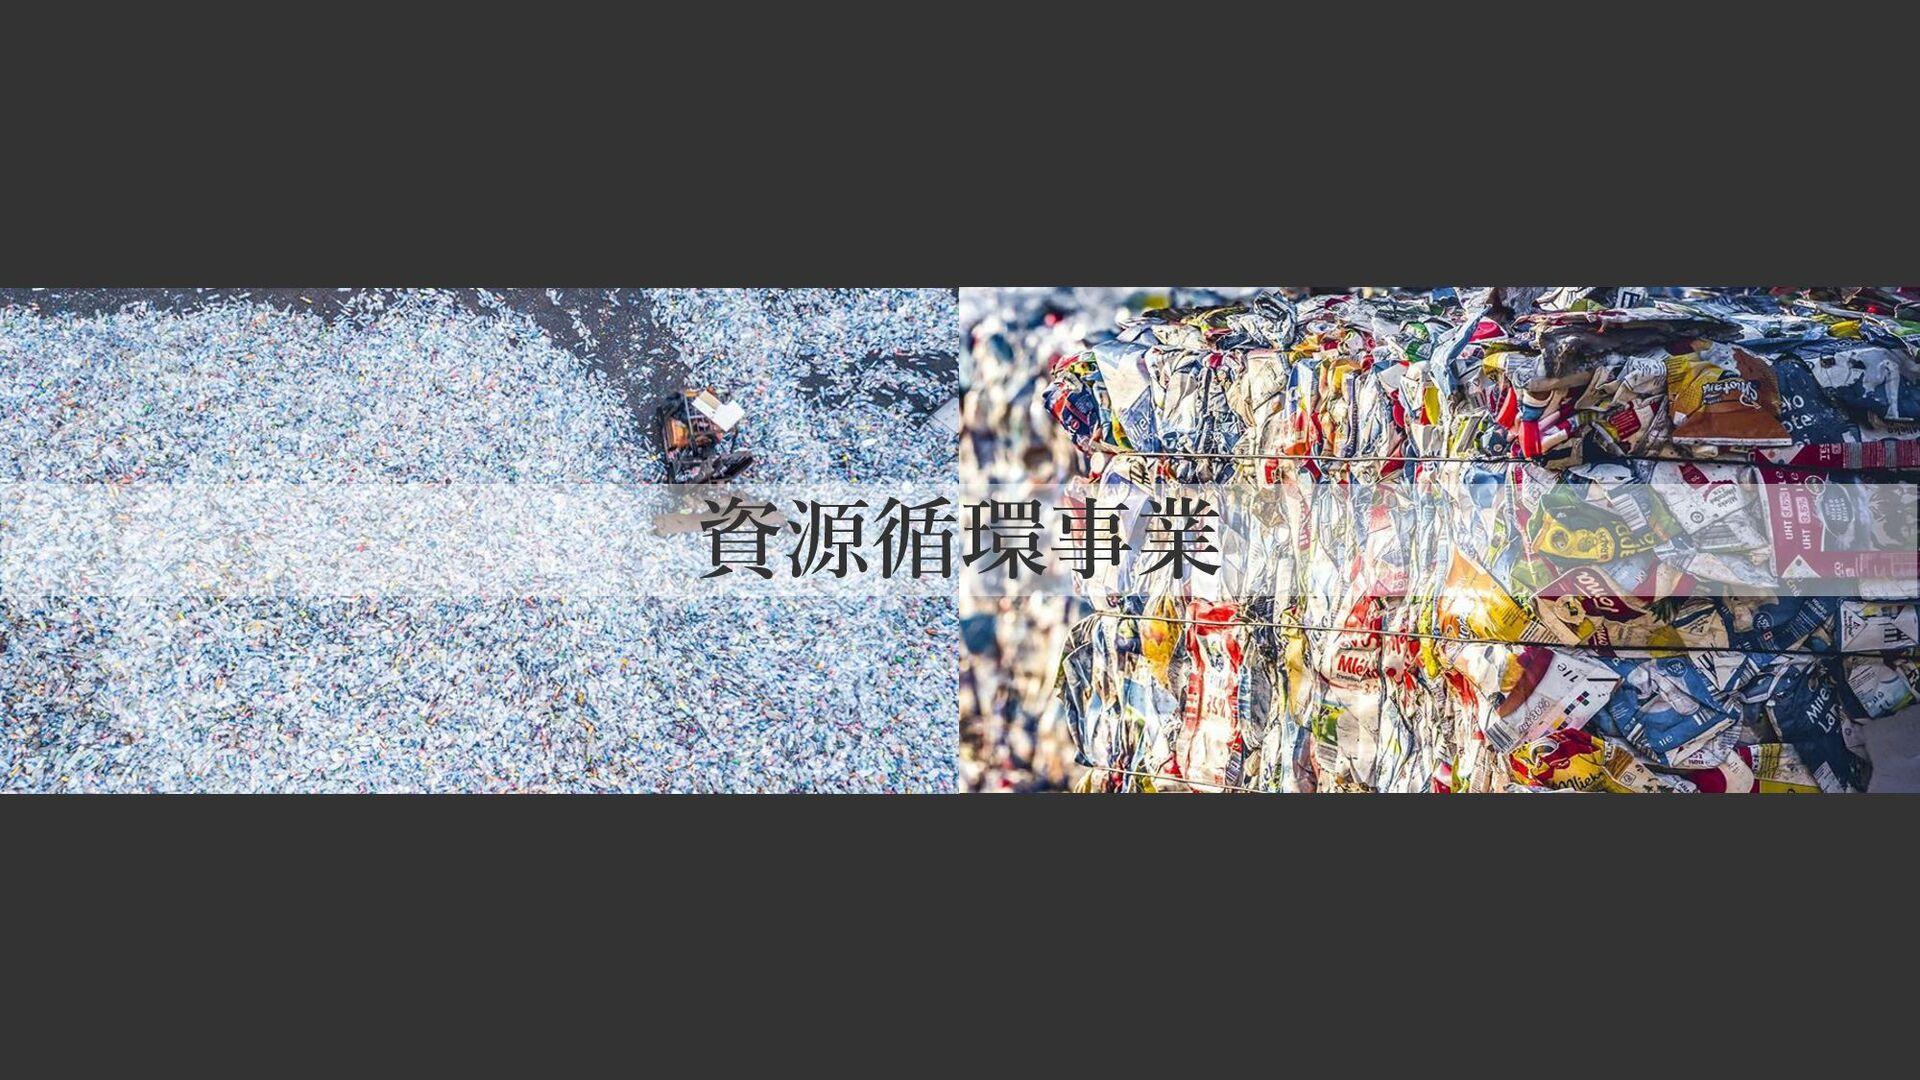 Confidential LIMEXシート製品 ラインアップ 1. 冊子 2. マップ 3. ...